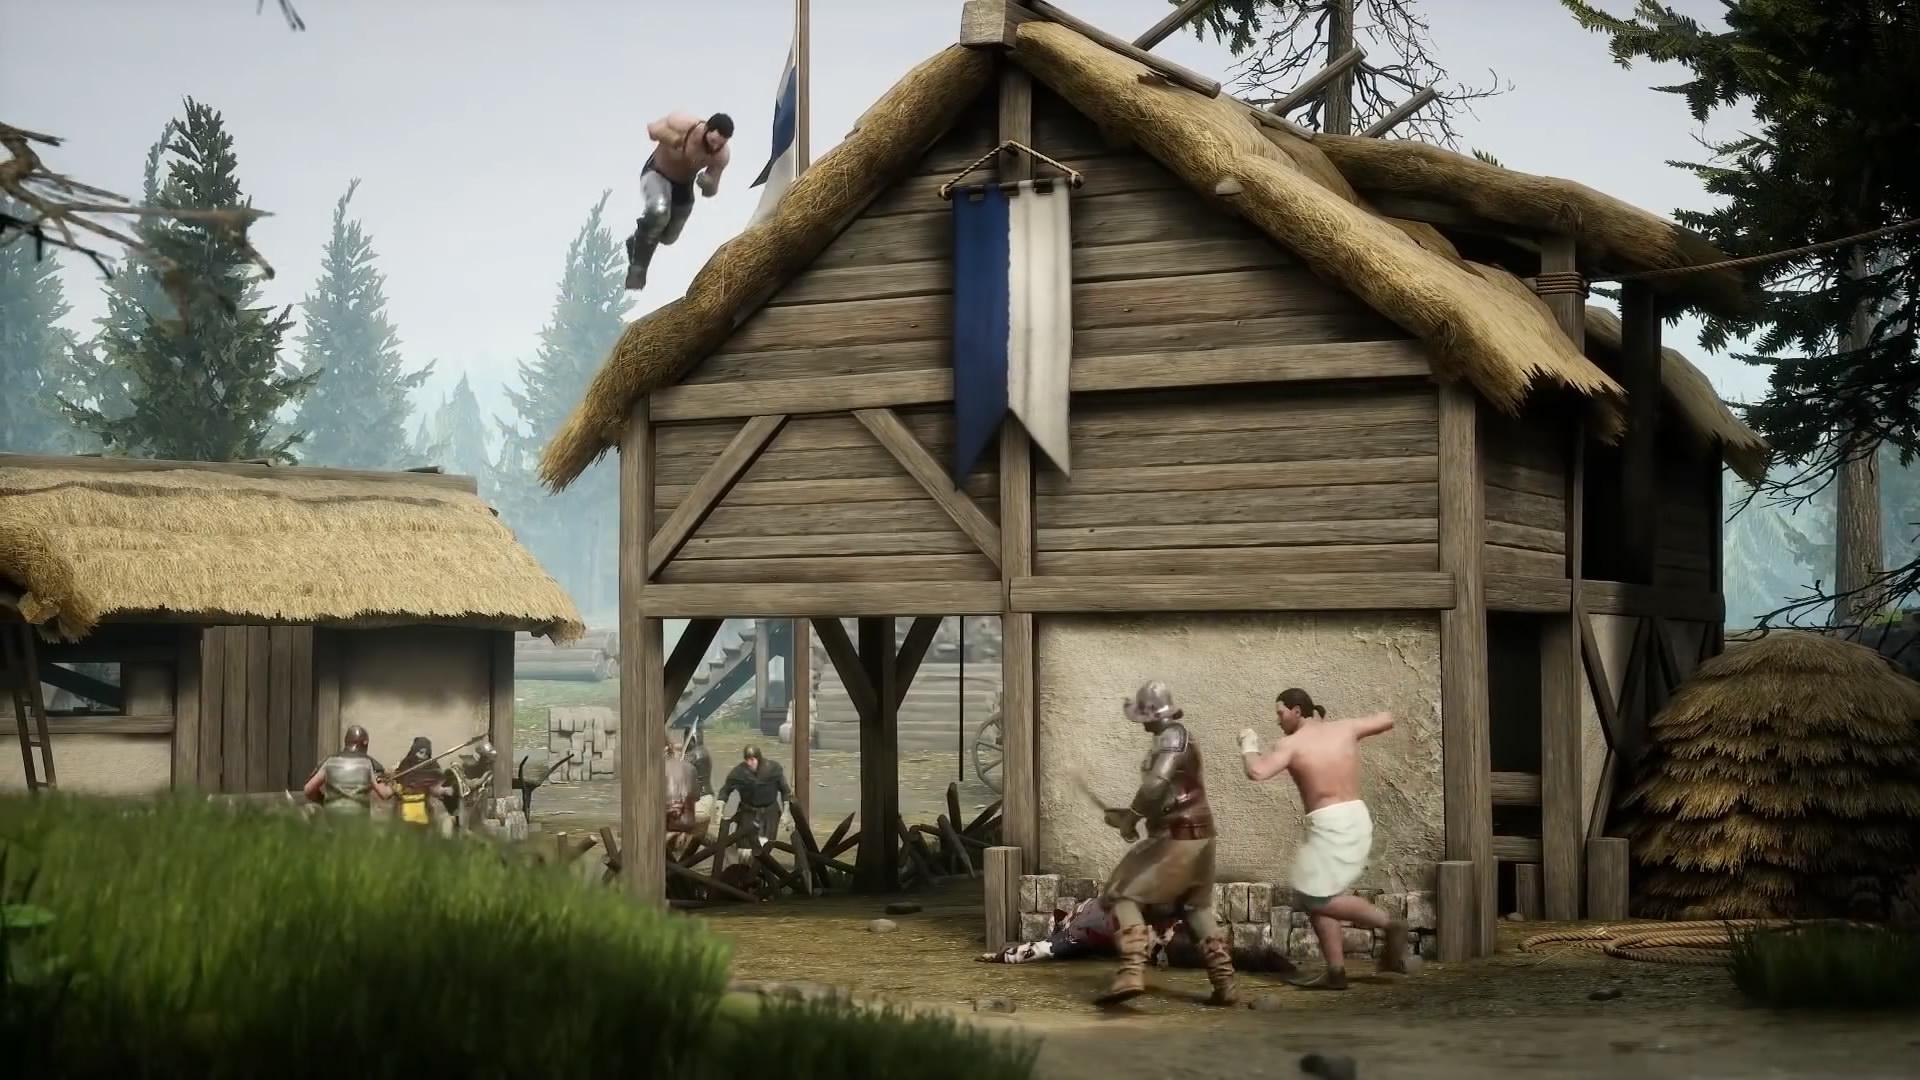 拳皇争霸赛!《雷霆一击》两位猛男赤裸上身打拳架